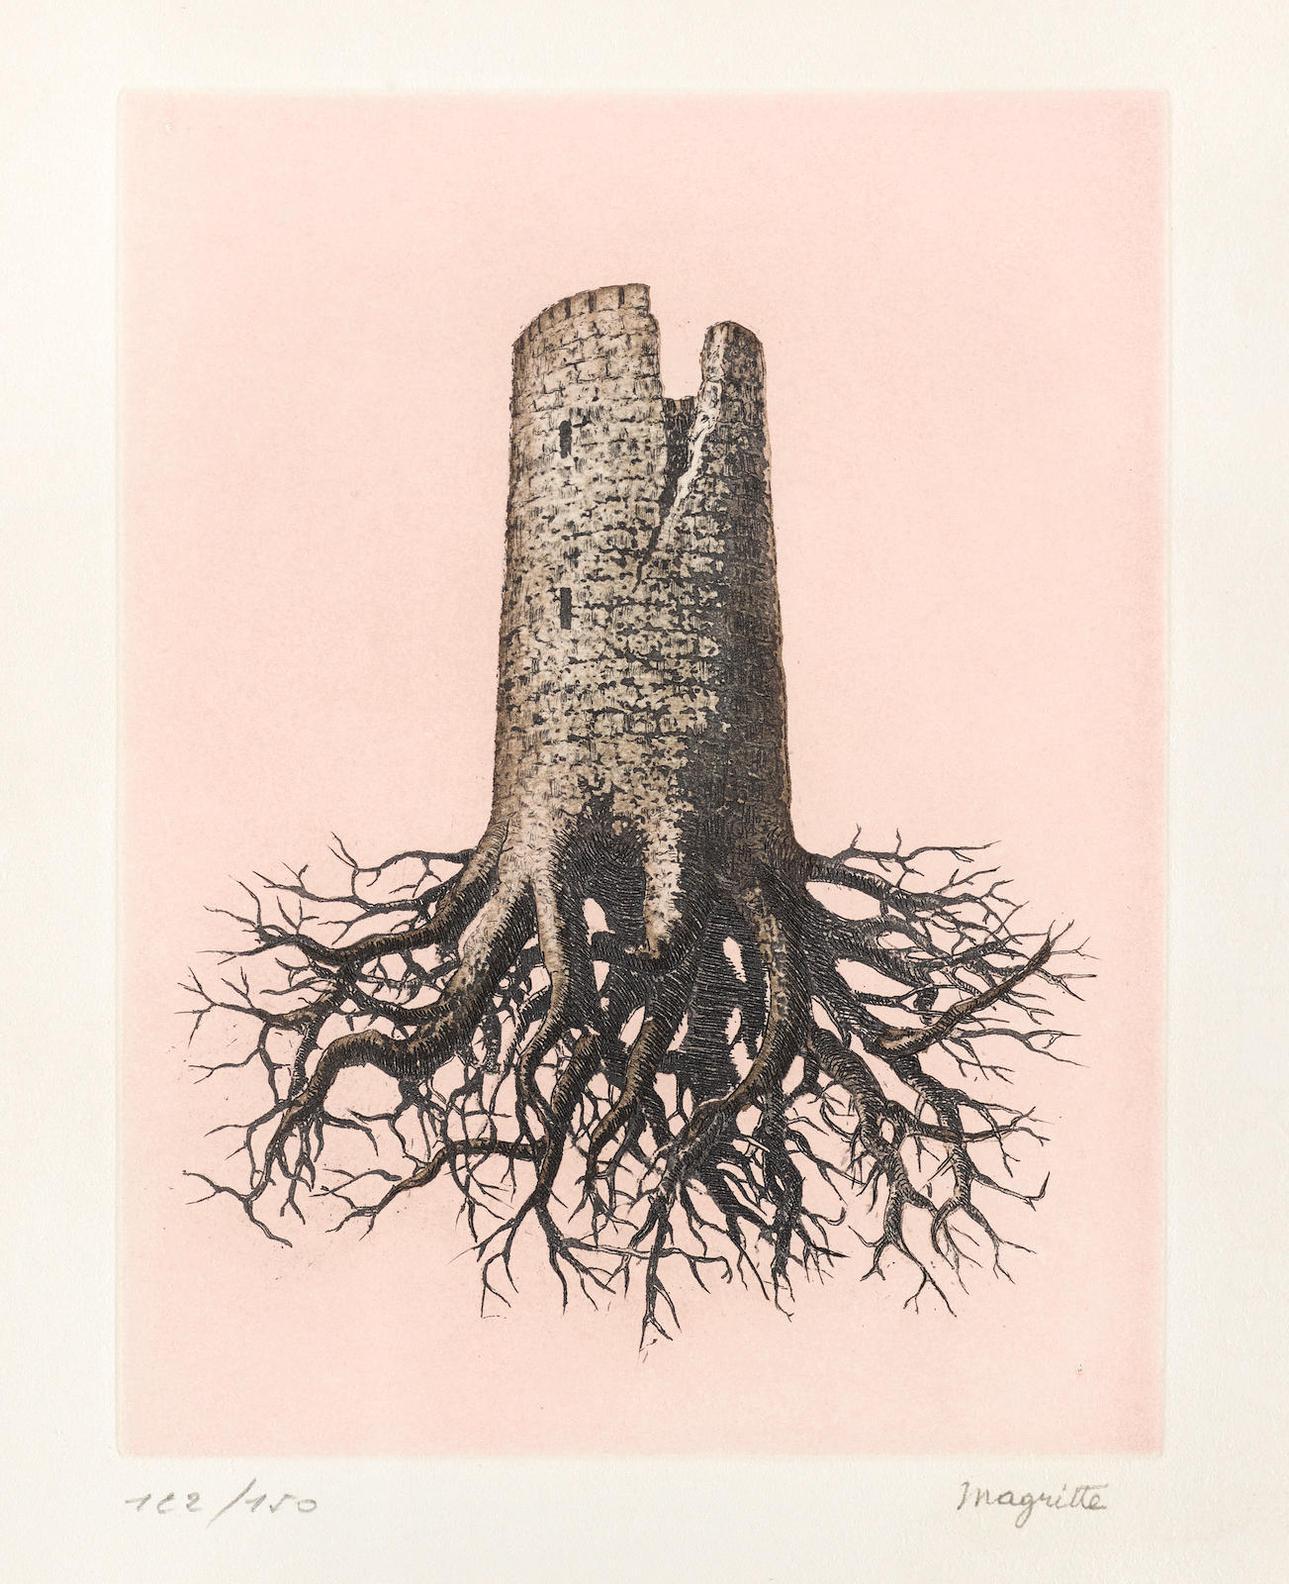 Rene Magritte-La Folie Almayer, Plate III, From Le Lien De Paille By Louis Scutenaire (K. & B.18 ), 1968-1968